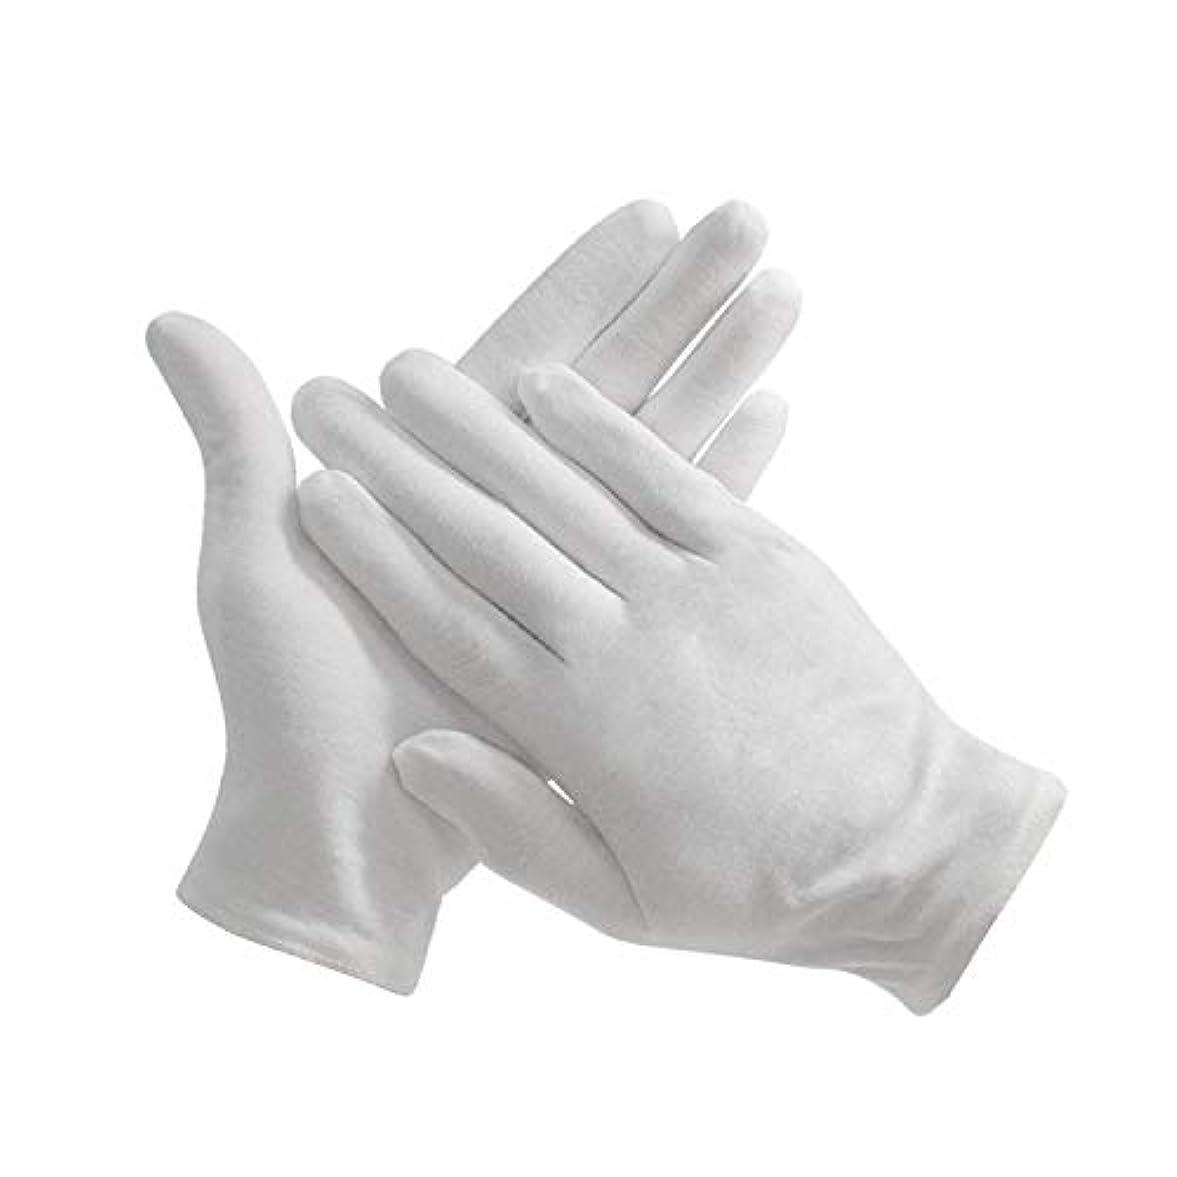 なんとなくステップブルーベル12双組 手袋 綿手袋 手荒れ 純綿使い捨て 白手袋 薄手 お休み 湿疹 保湿 白手袋